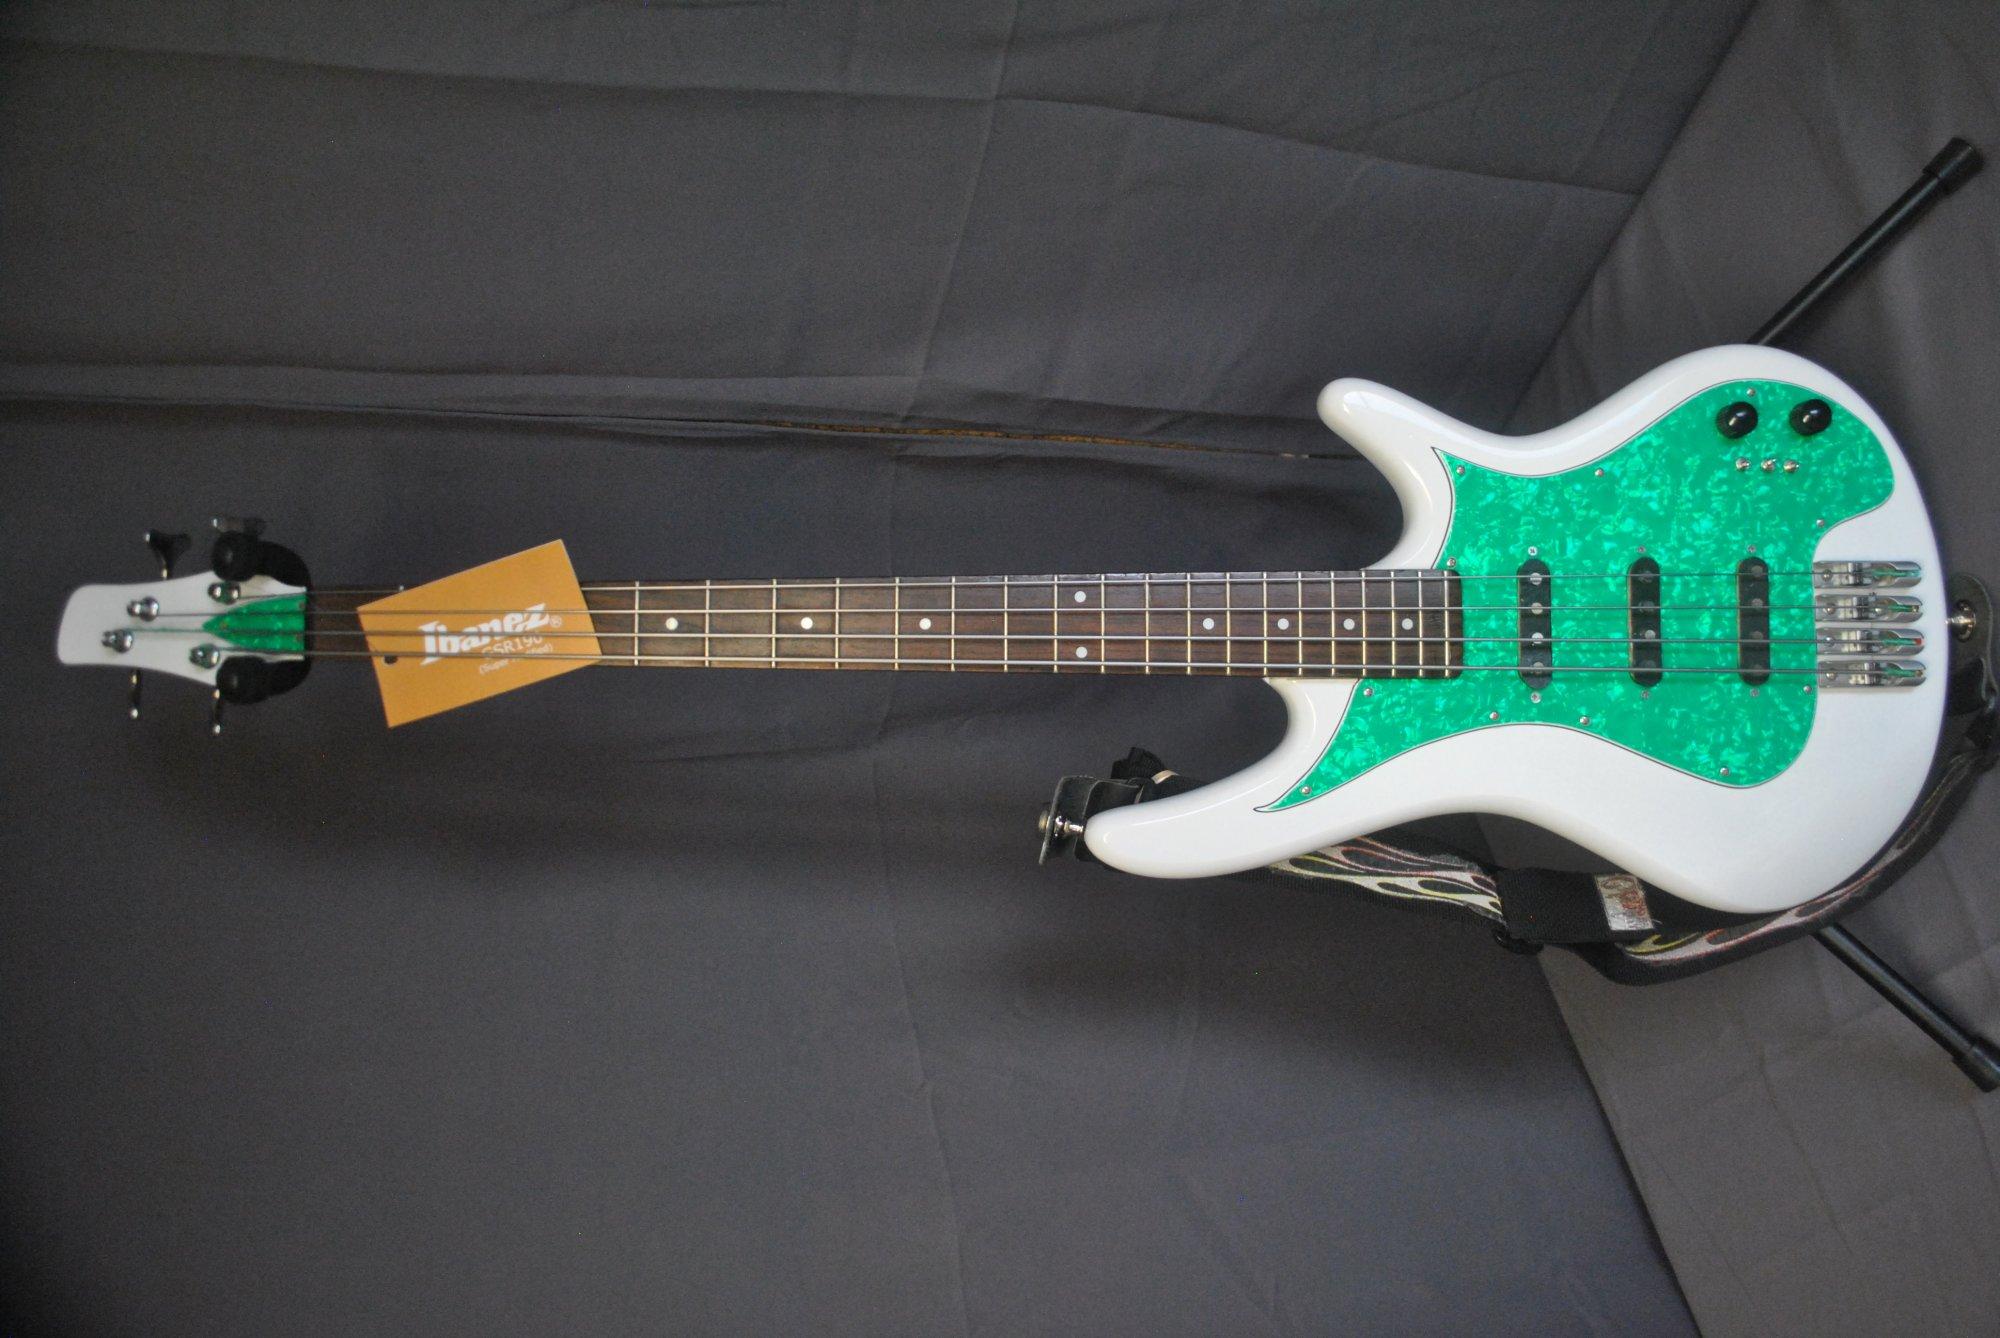 Ibanez GSR 190 Bass Guitar